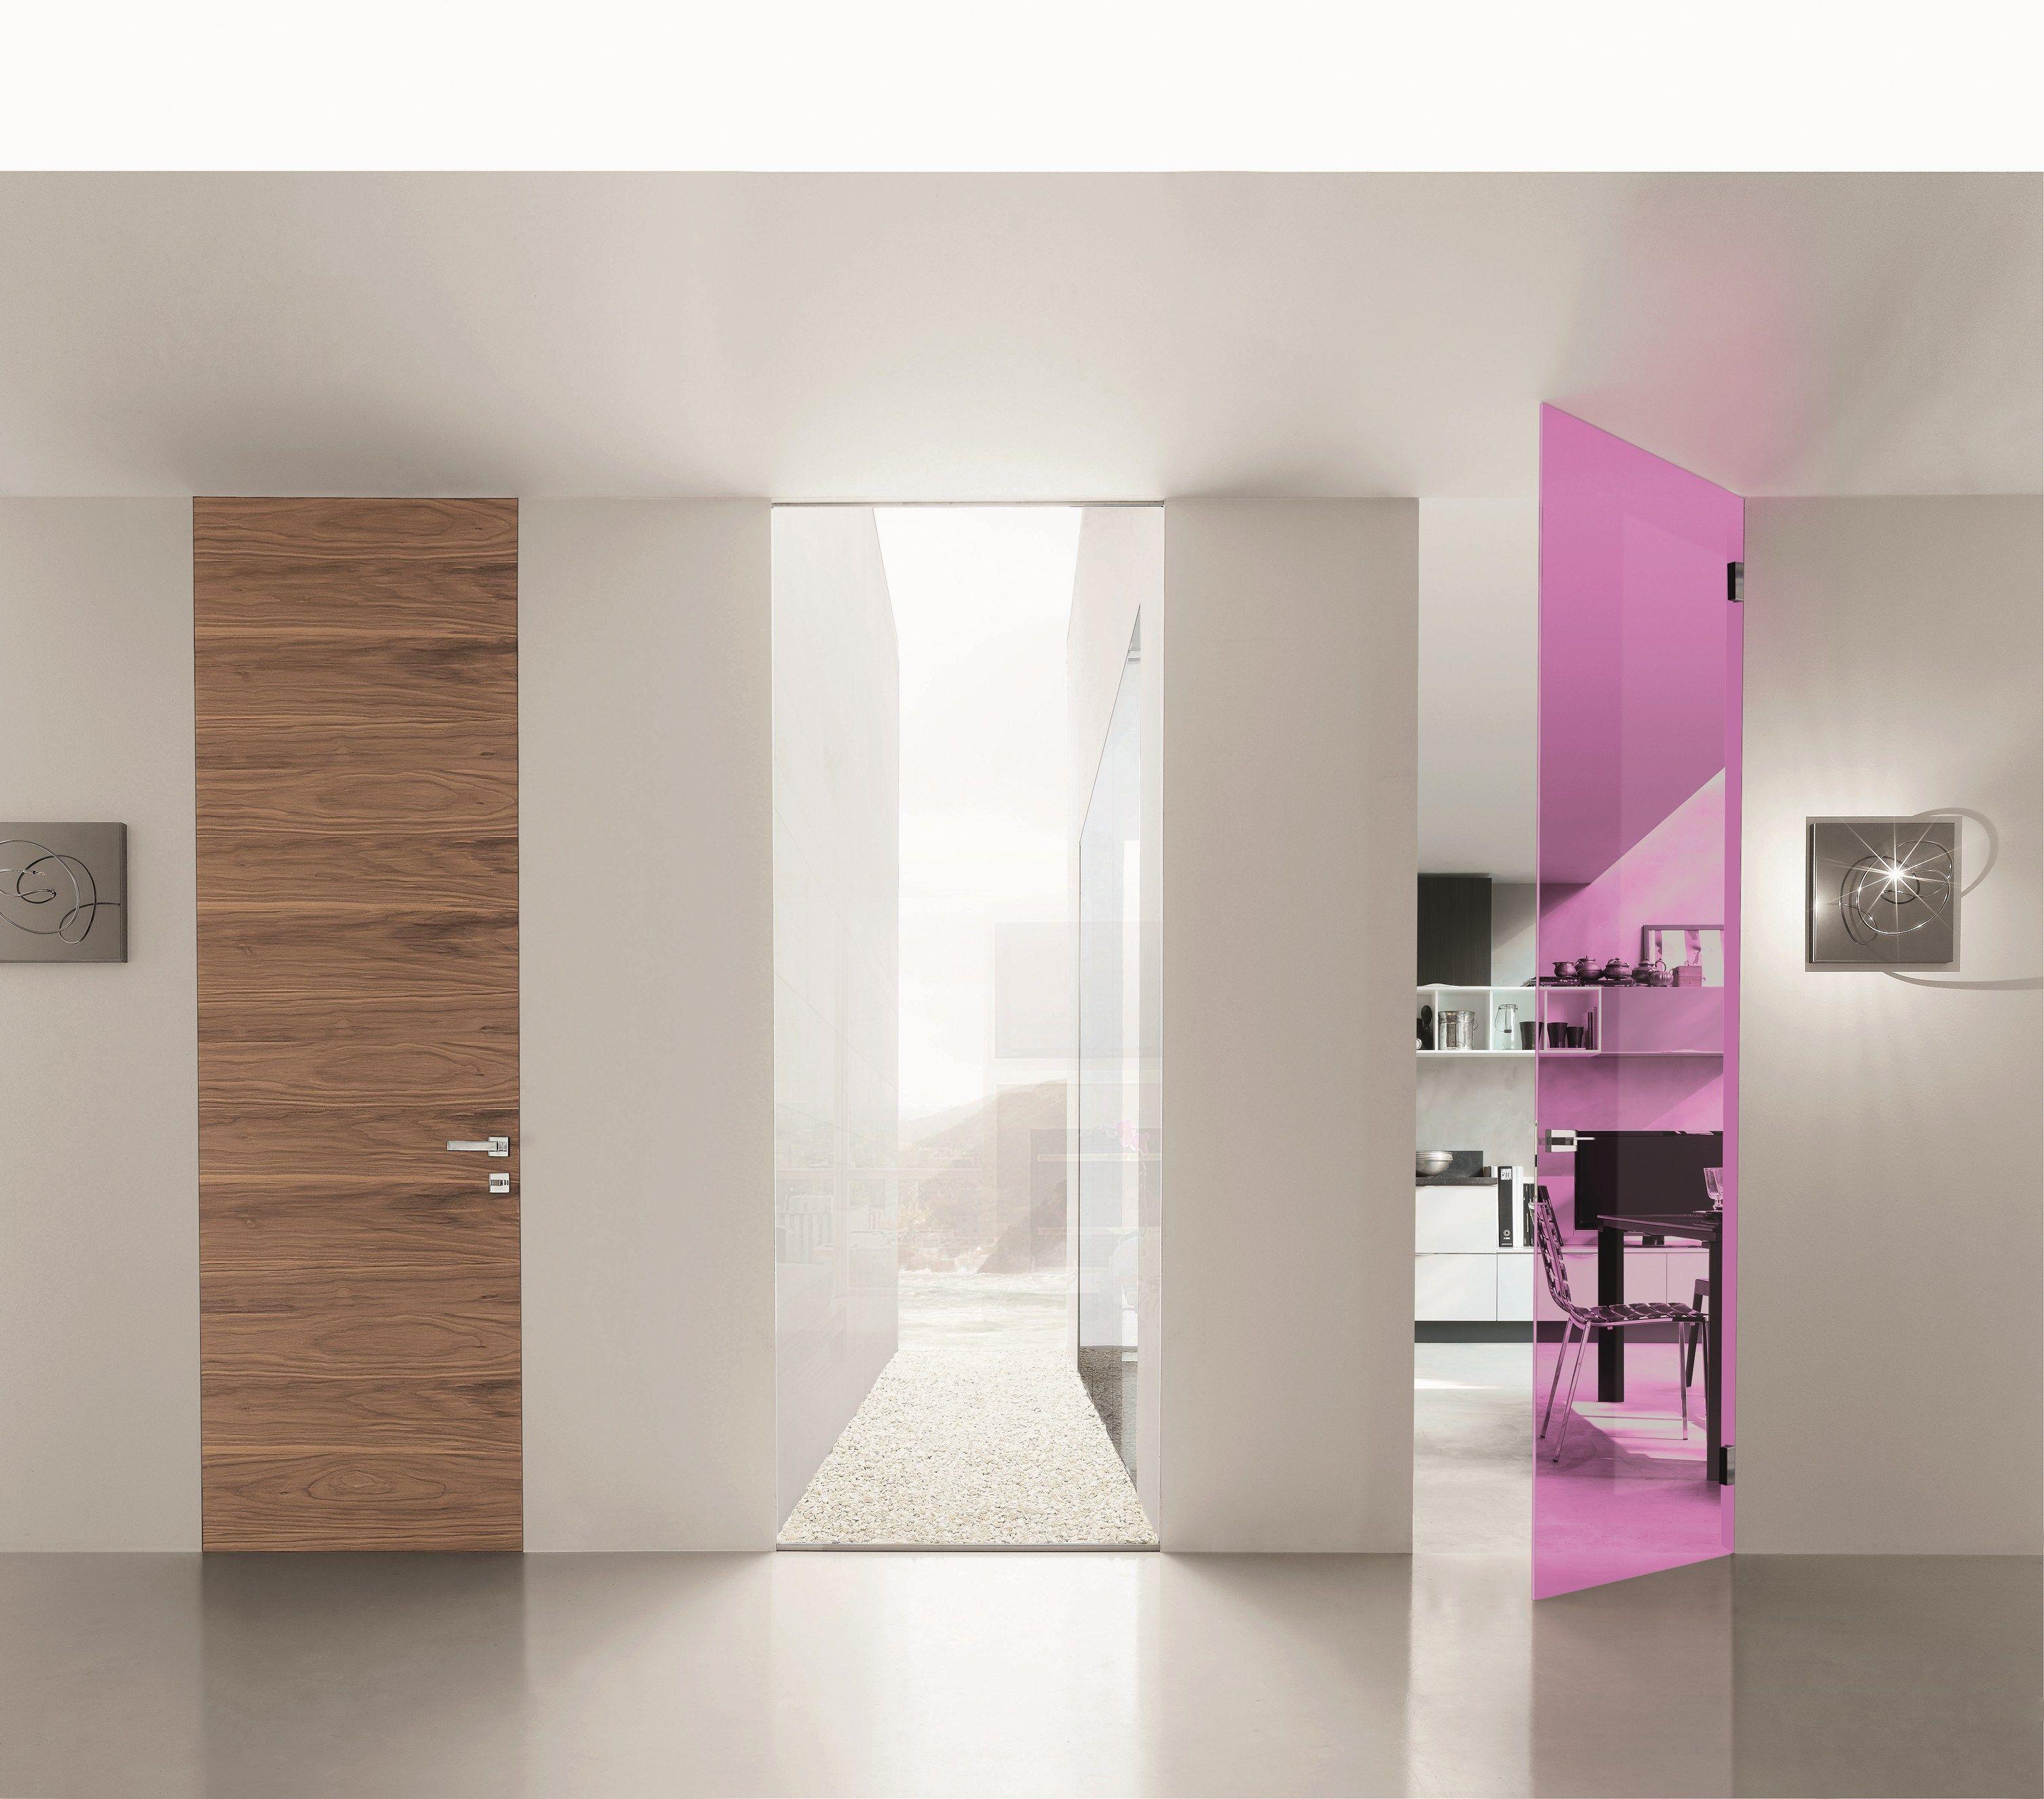 Puerta batiente a ras de pared de vidrio sin marco VITRUM-LINE by ...